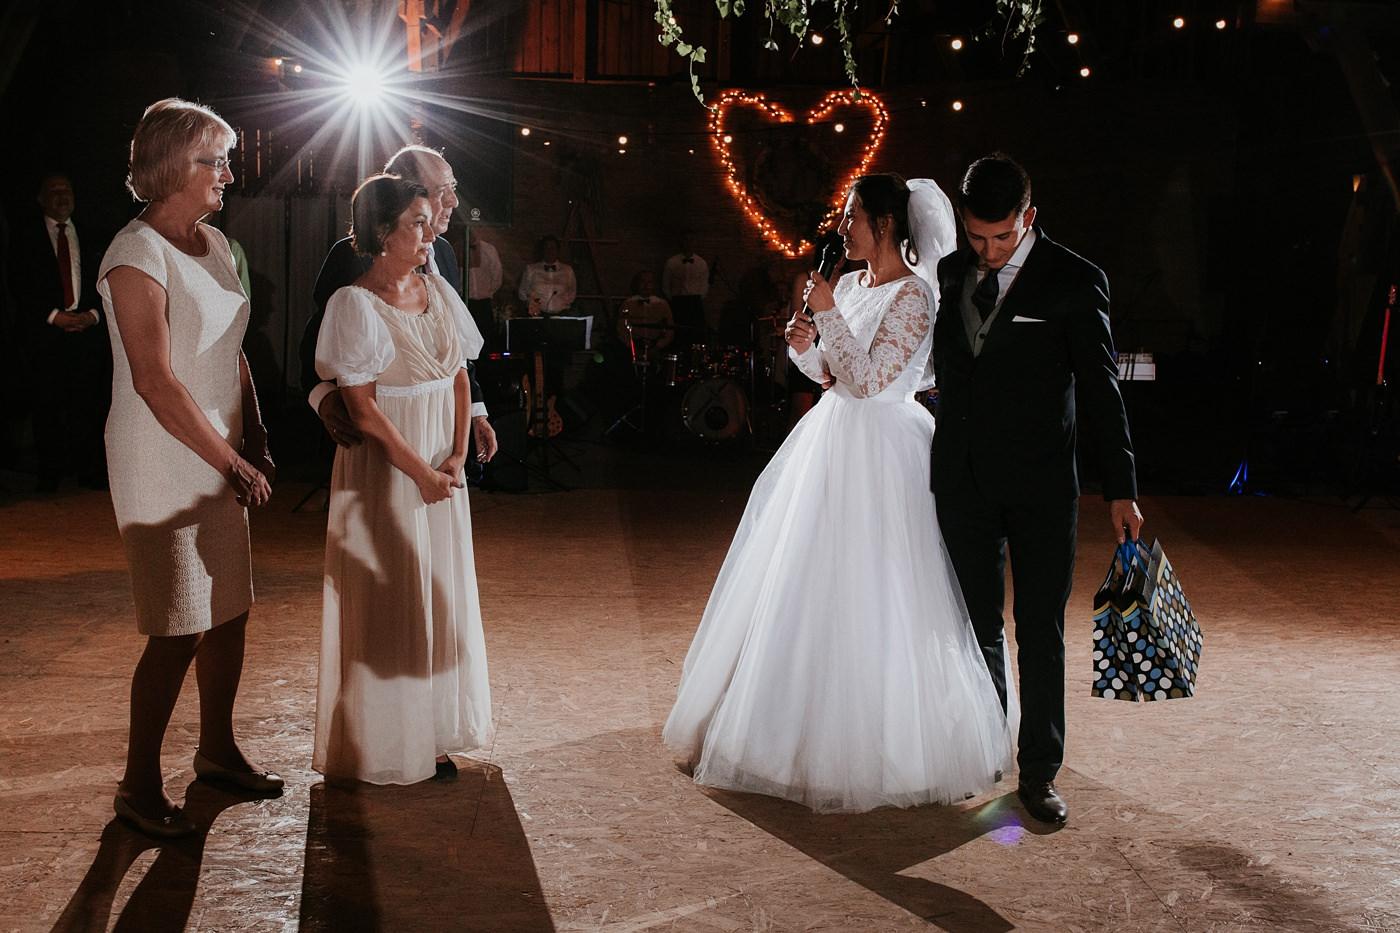 Dominika & Aleksander - Rustykalne wesele w stodole - Baborówko 120